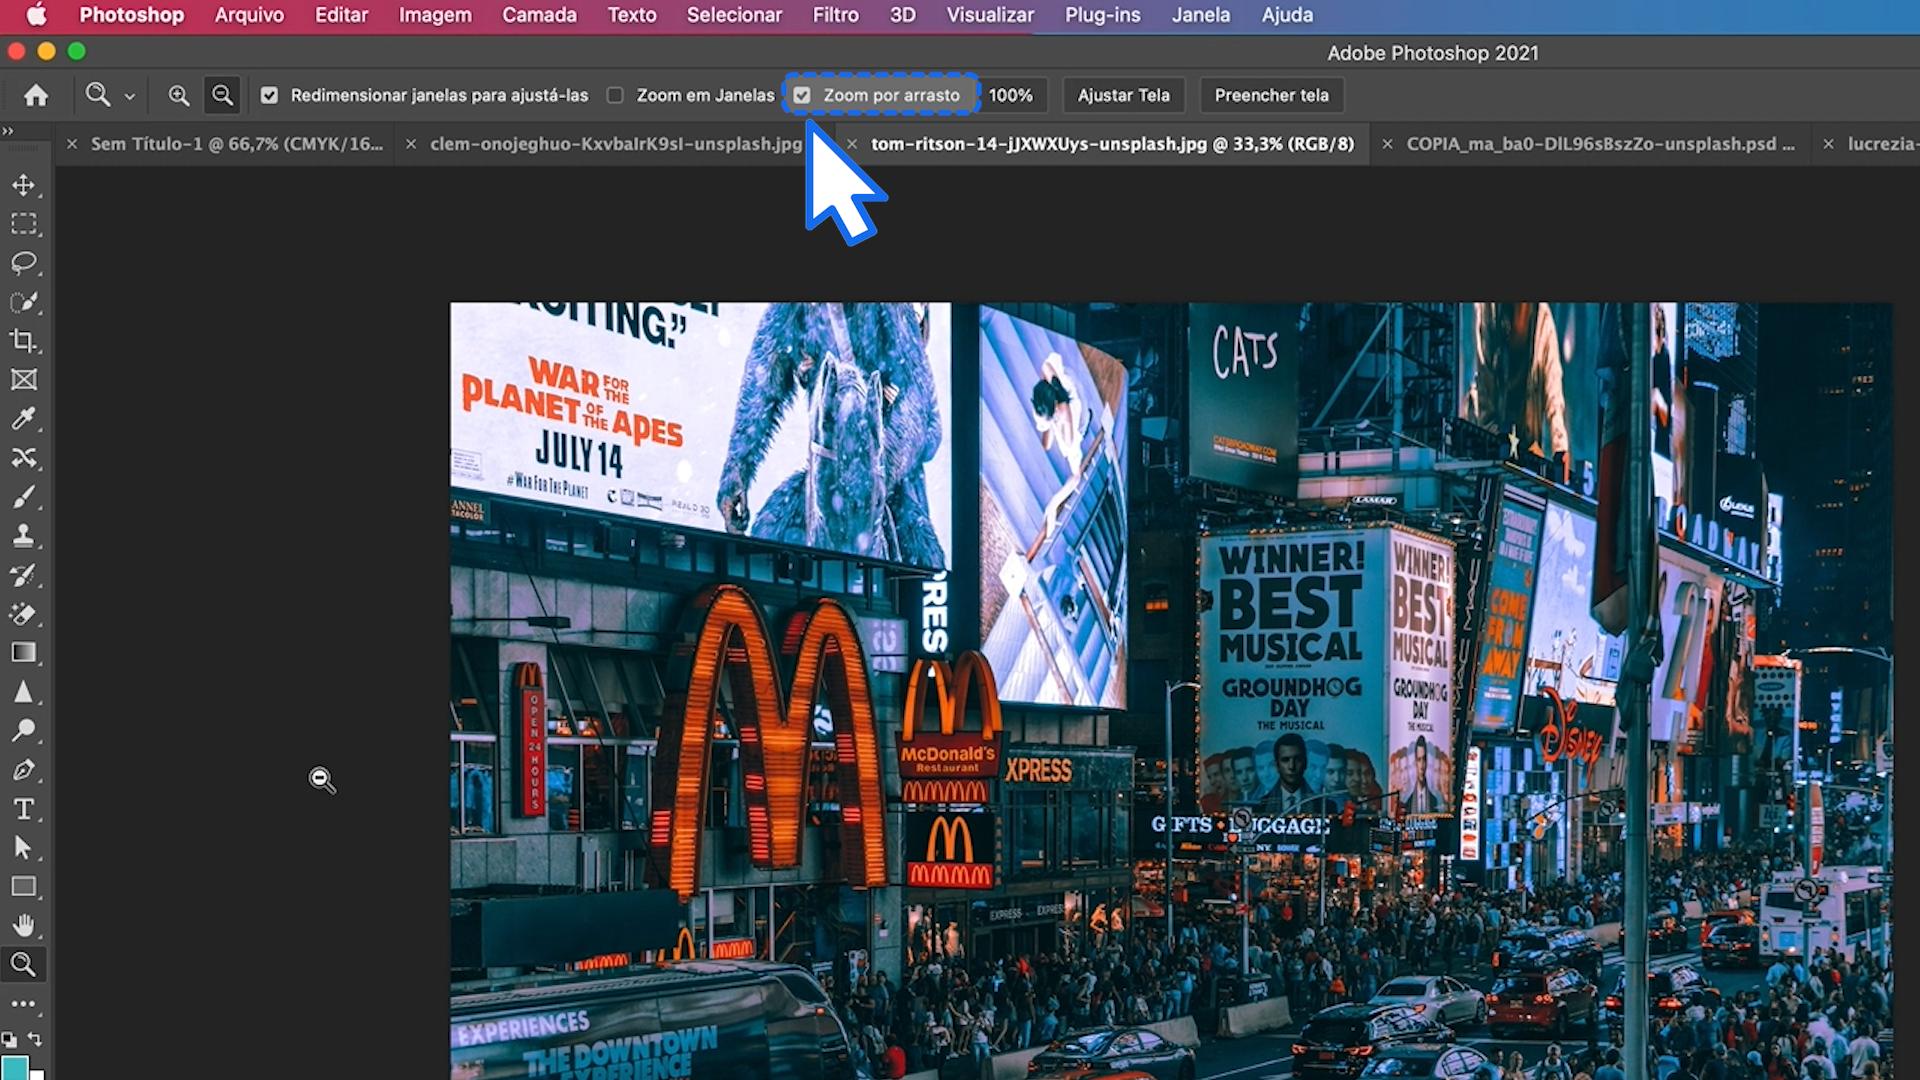 Como ativar o zoom por arrastro no Photoshop